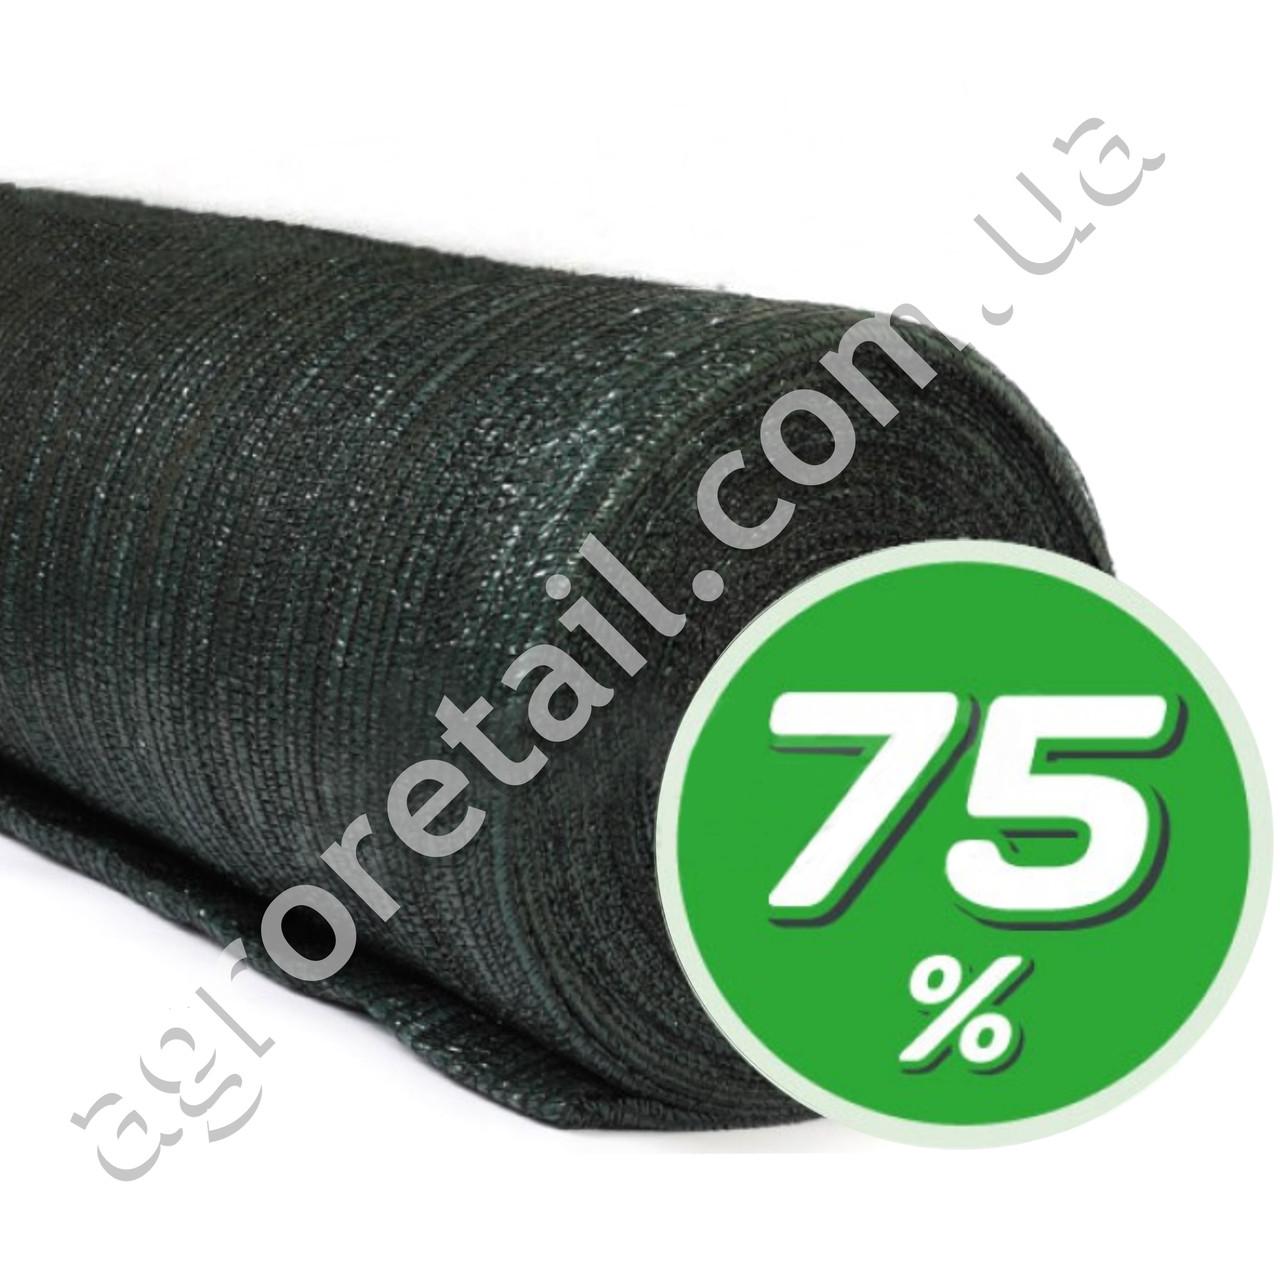 Затеняющая сетка зеленая 75% тени 4х50 м